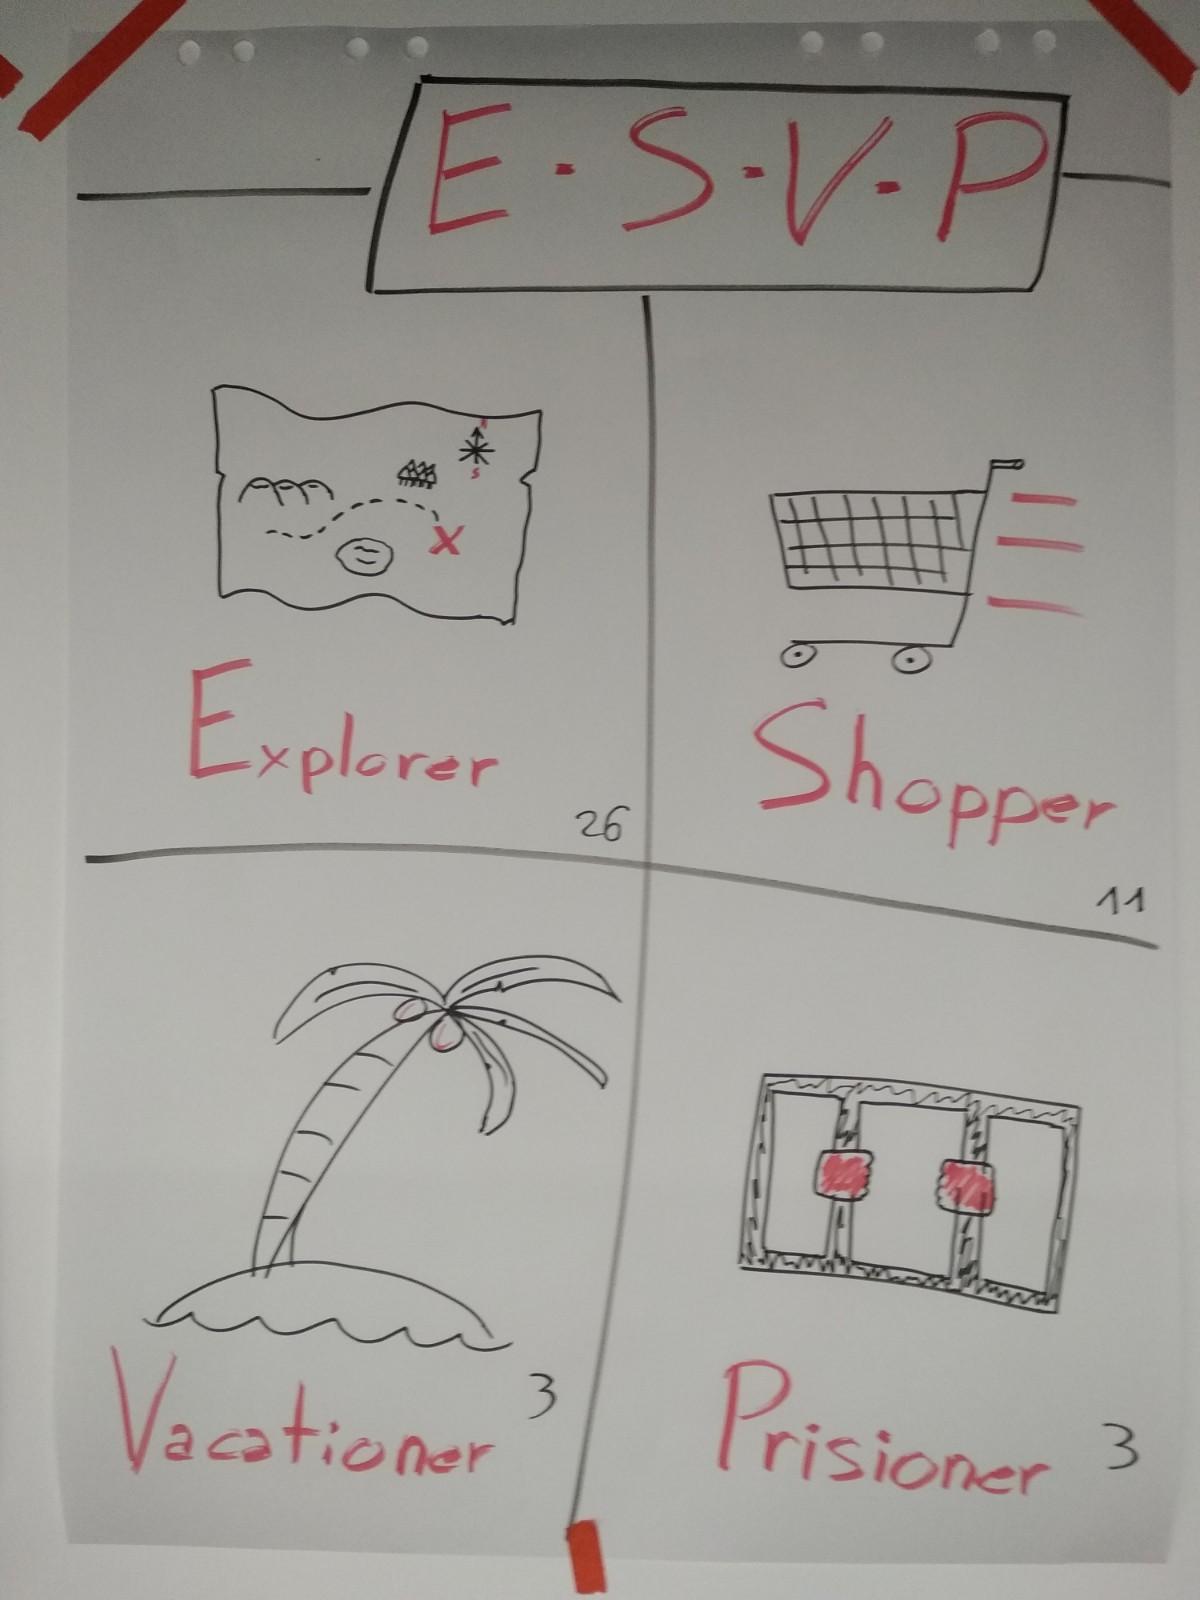 Panel de papel con 4 secciones: Explorer, Shopper, Vacationer y Prisioner. Cada sección tiene una imagen asociada y el número de personas que han elegido esa opción.